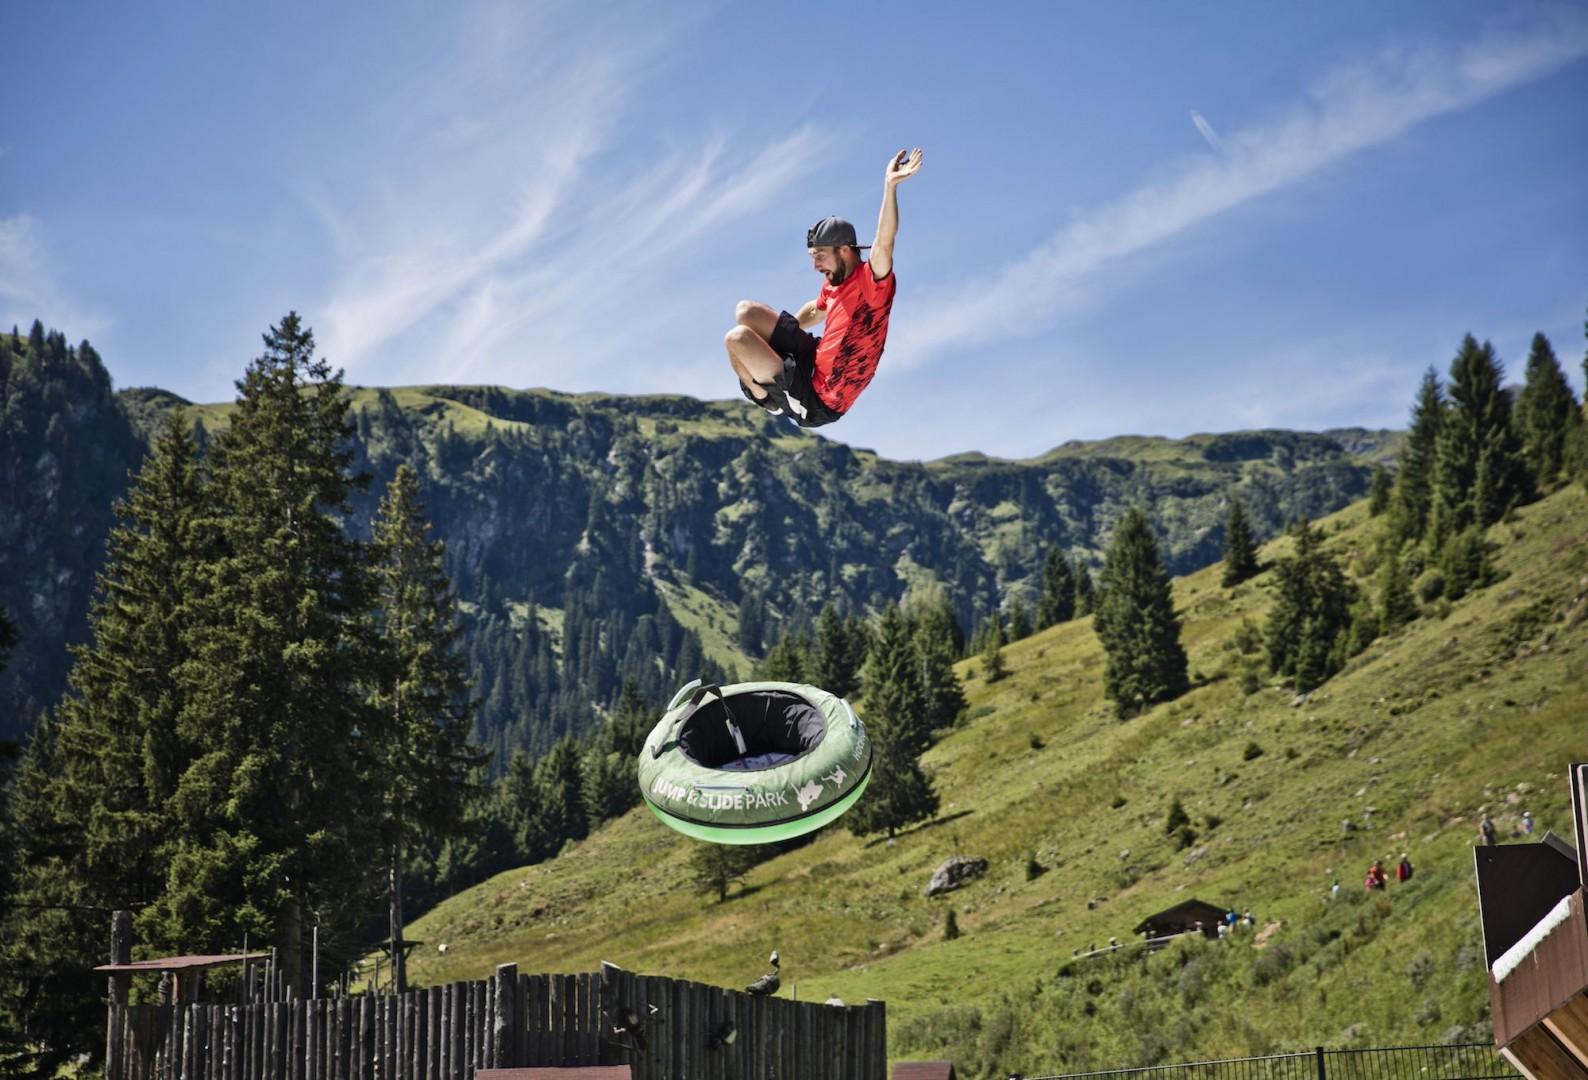 Schulklassen, Vereinsausflüge und mehr im Young Generation Resort Buchegg